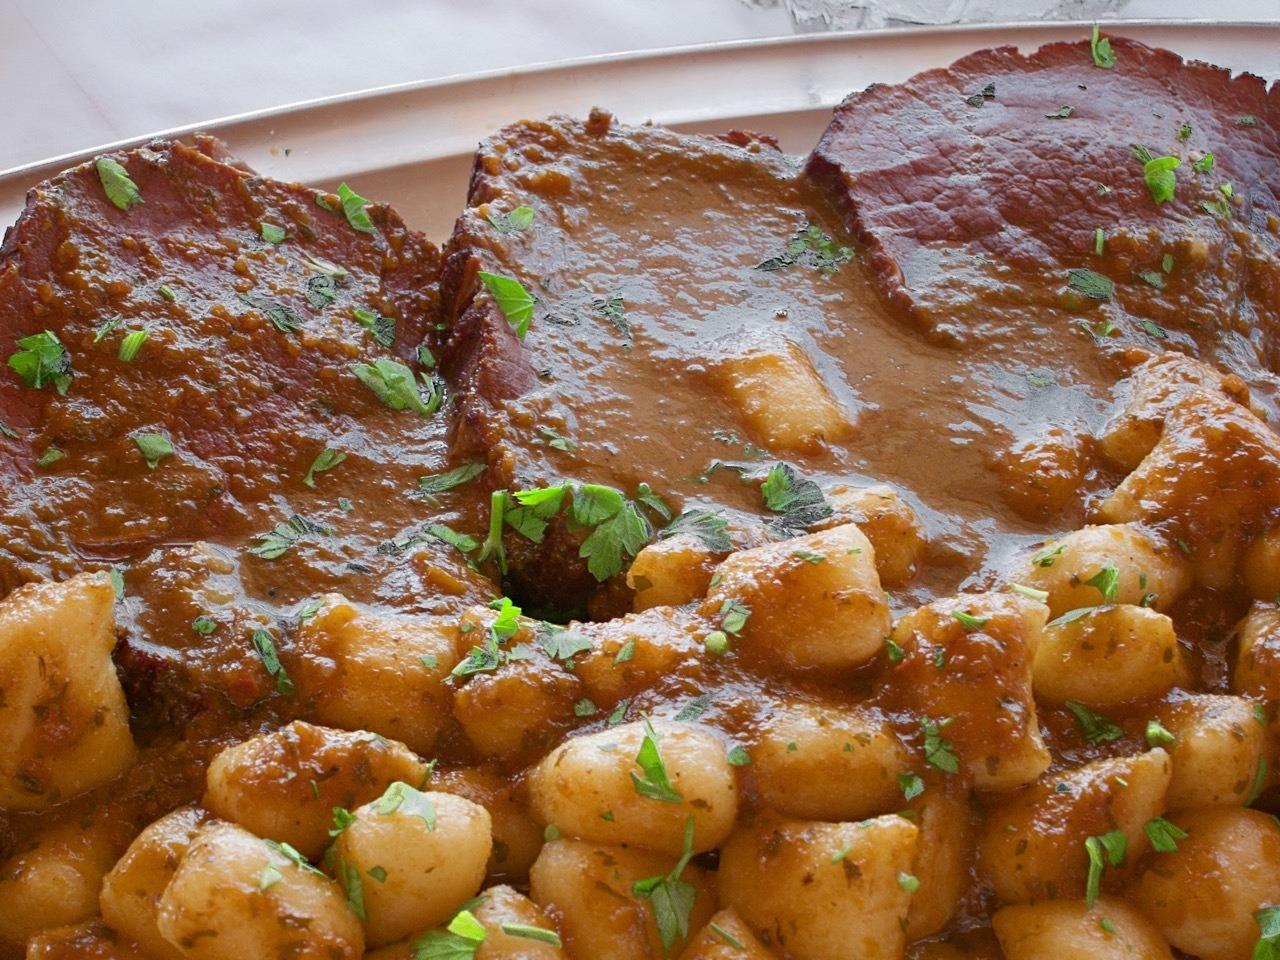 克罗地亚烹饪。炖牛肉的食谱 追赶驴子的人